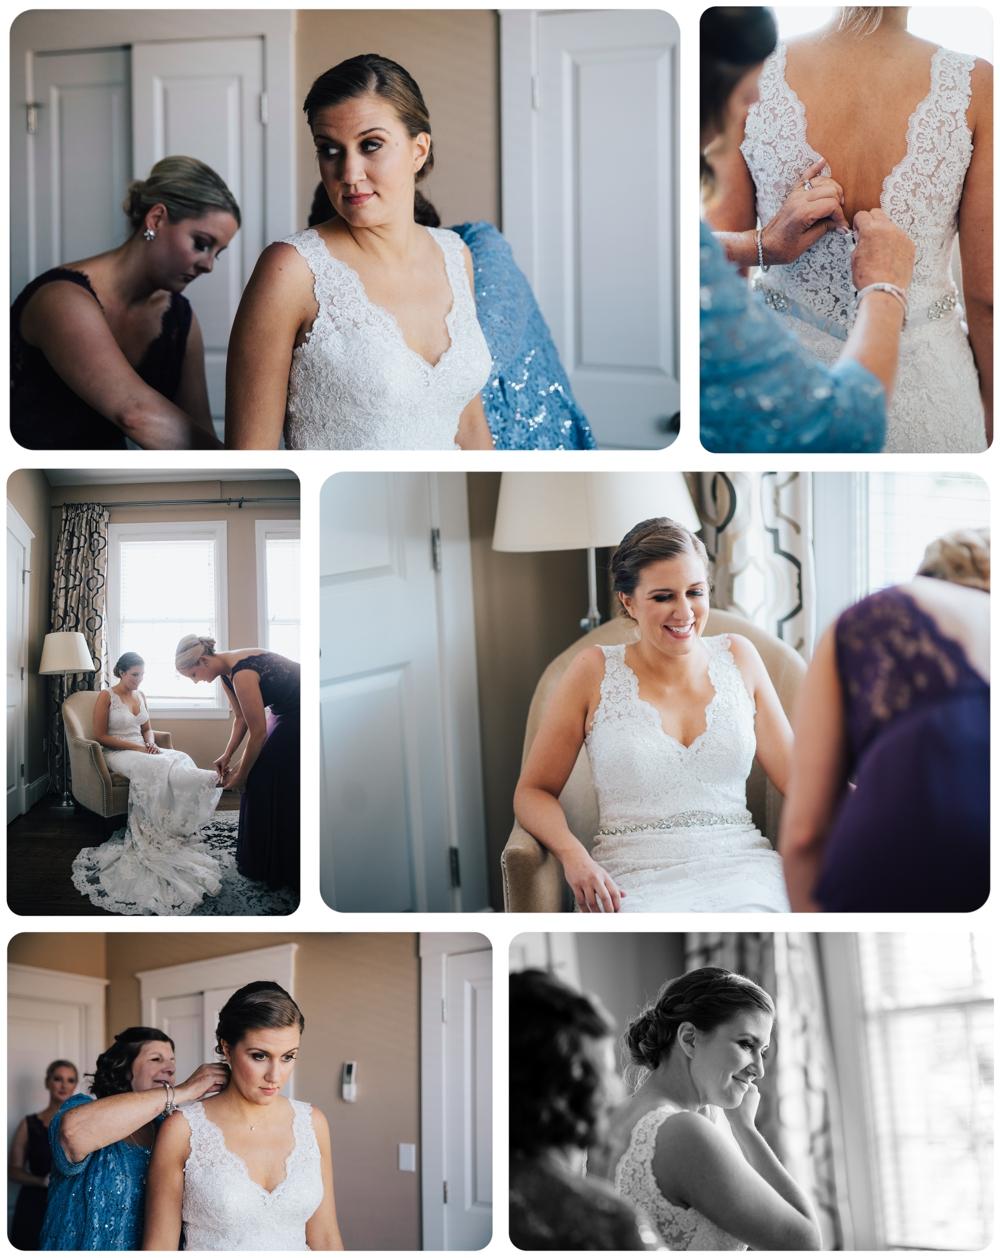 Sarah-Nick-Collage-3.jpg